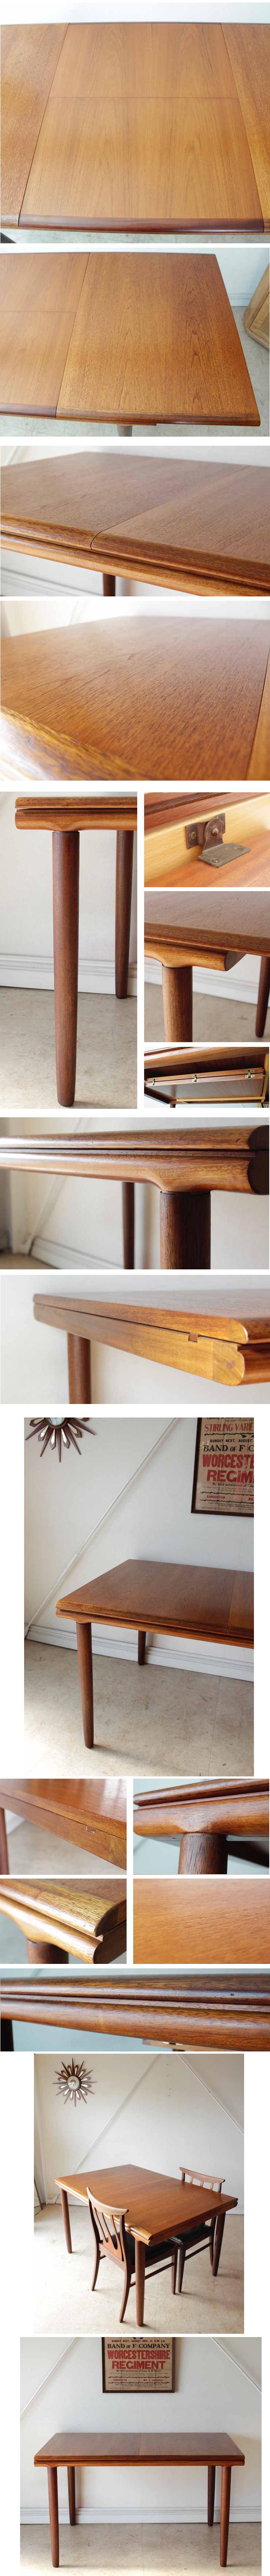 イギリス製【伸張式】ダイニングテーブル・エクステンション・食卓/ビンテージ・アンティーク・北欧家具